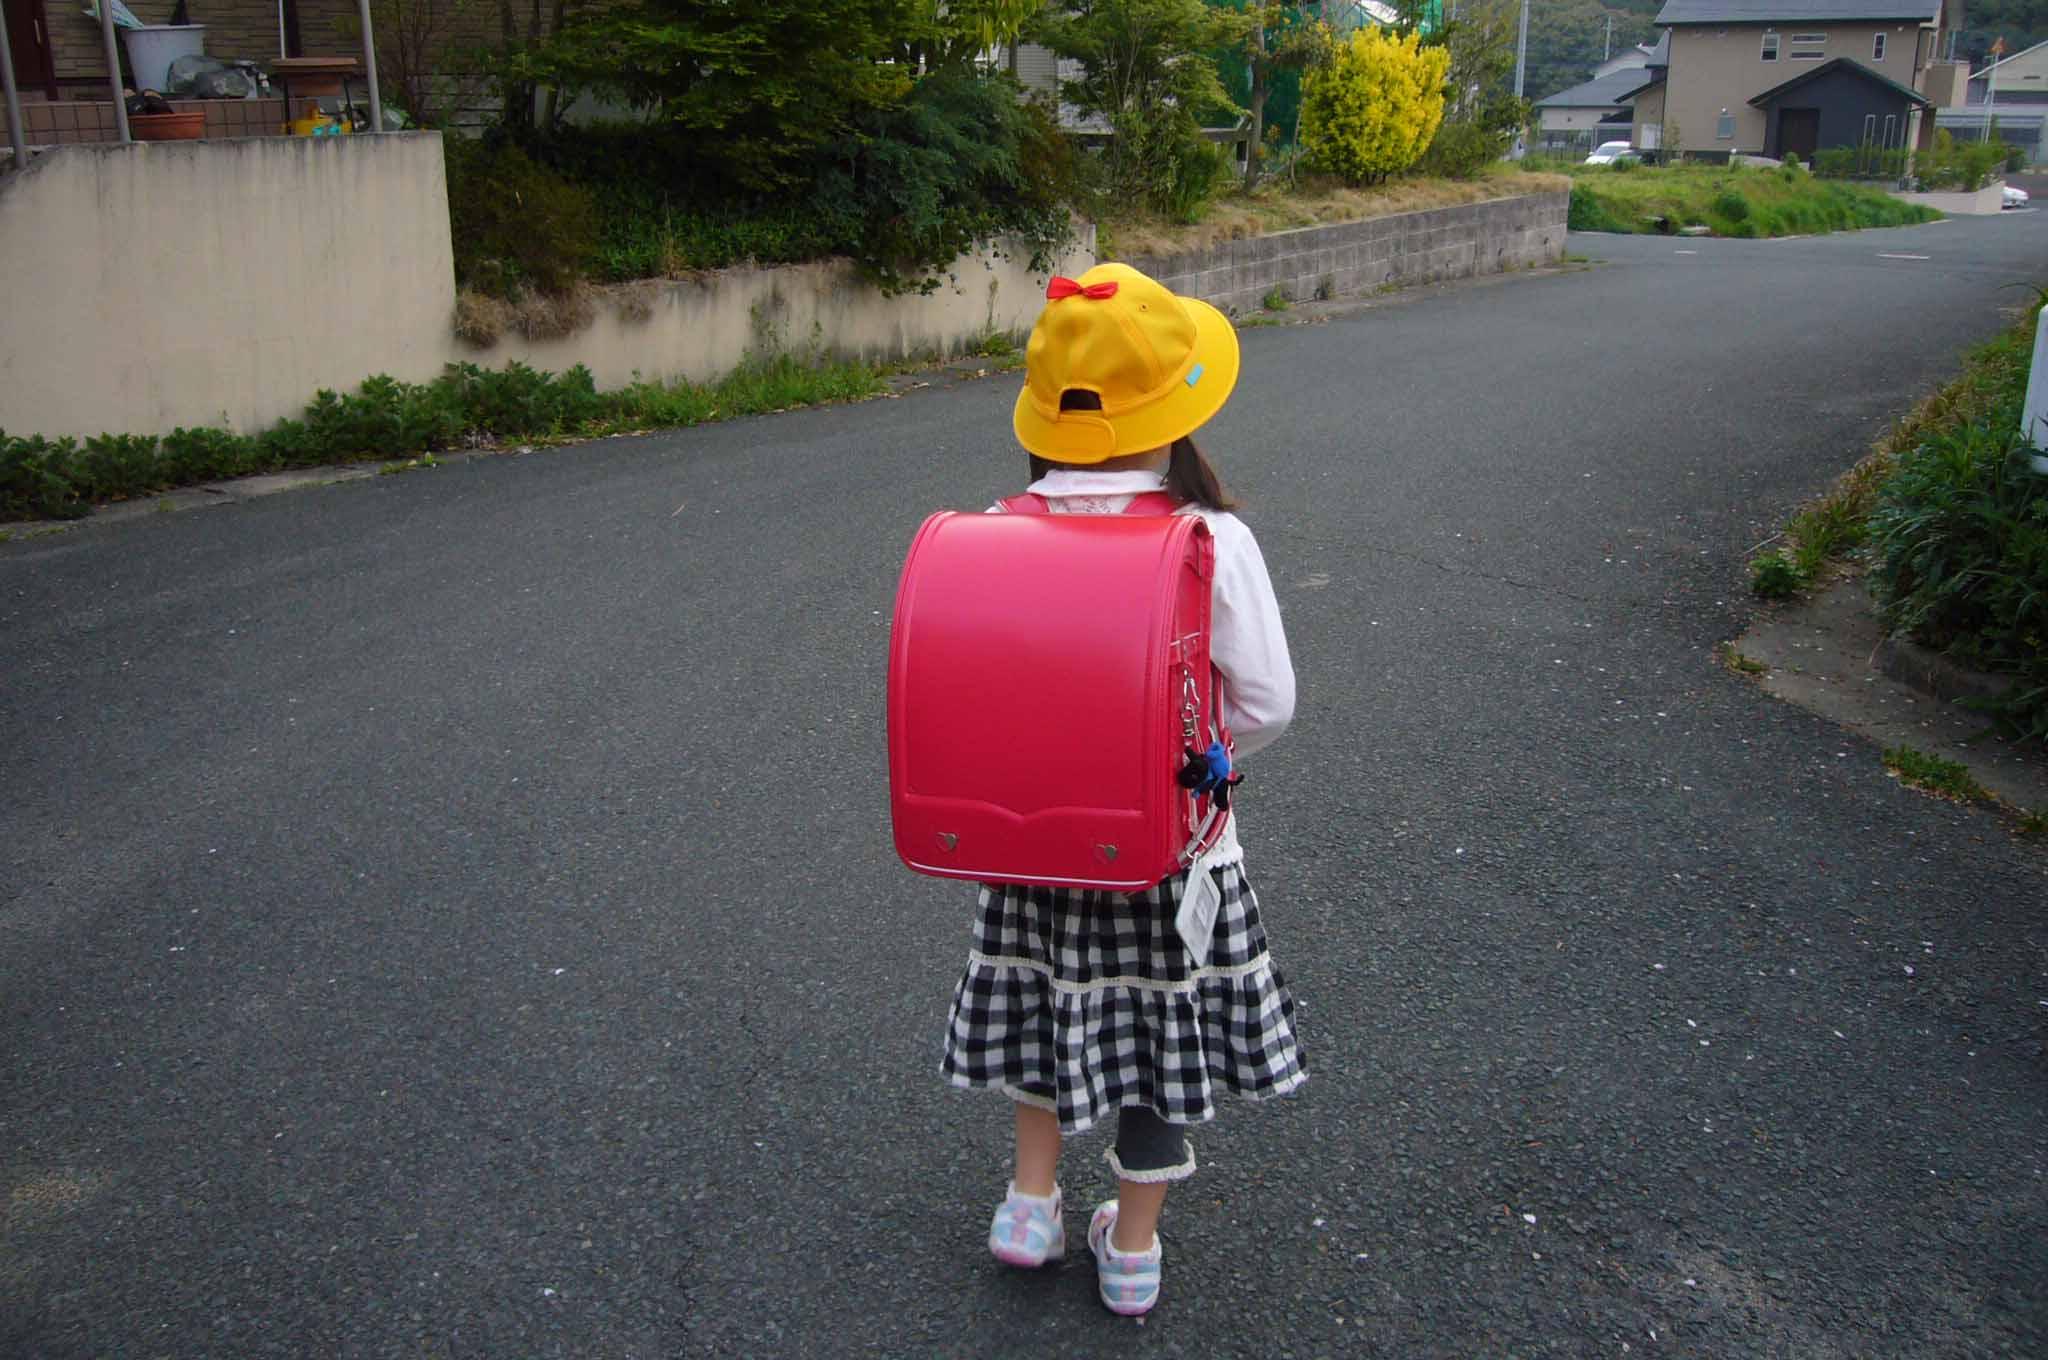 【千葉/9歳女児遺体】リンさん、死因は「窒息死」 [無断転載禁止]©2ch.net YouTube動画>3本 ->画像>100枚